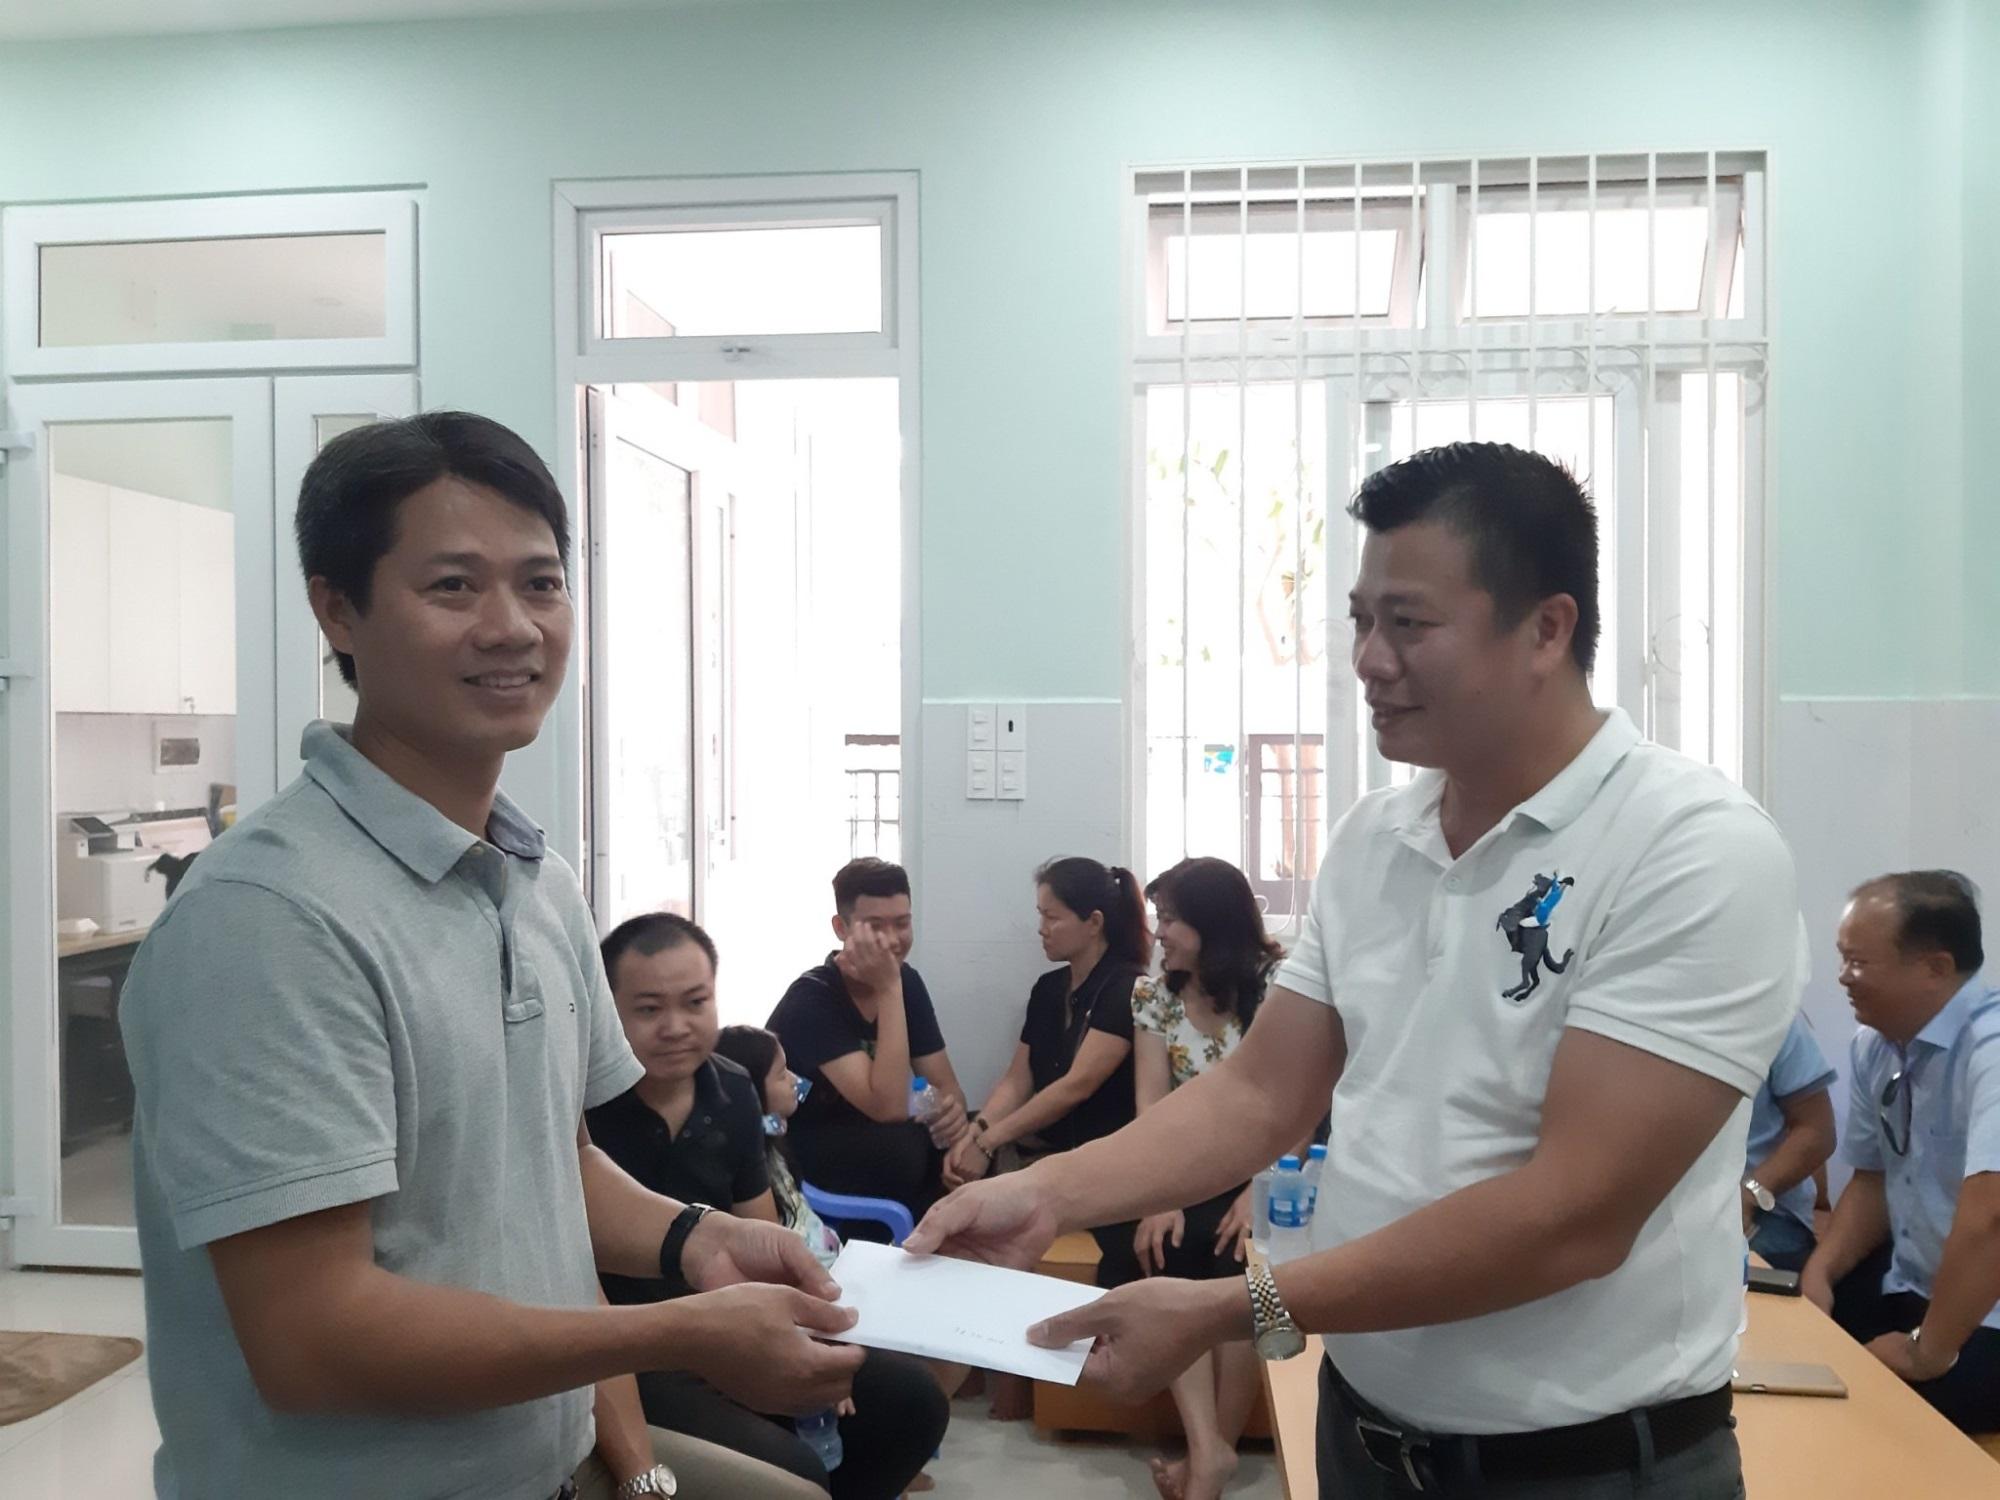 Chuỗi chương trình từ thiện 3 ngày của Hội đá ốp lát Sài Gòn kỷ niệm 10 năm thành lập - Ảnh 7